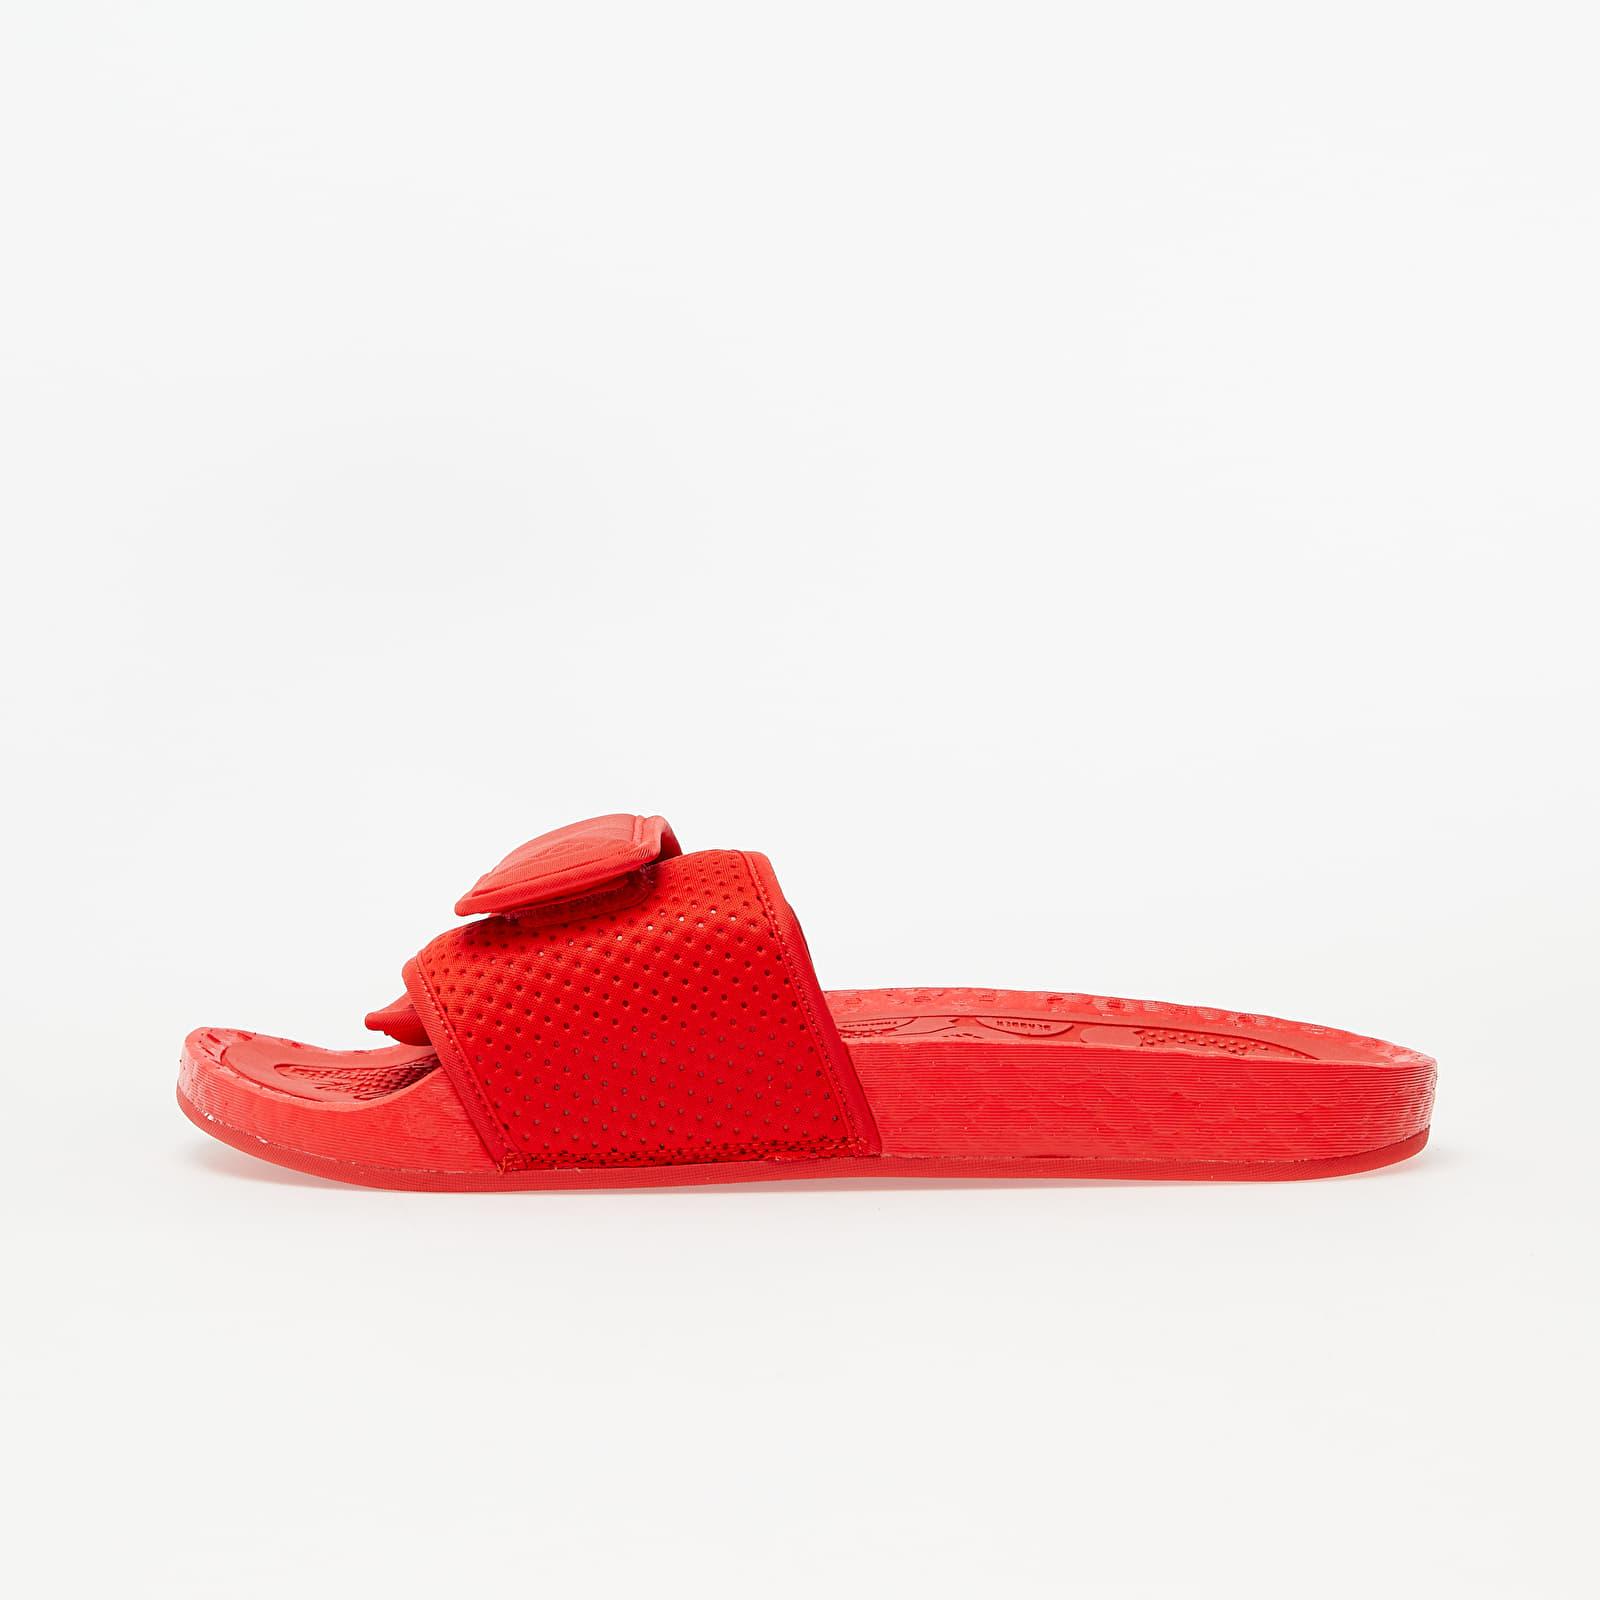 Férfi cipők adidas x Pharrell Williams Chancletas Hu Active Red/ Active Red/ Active Red